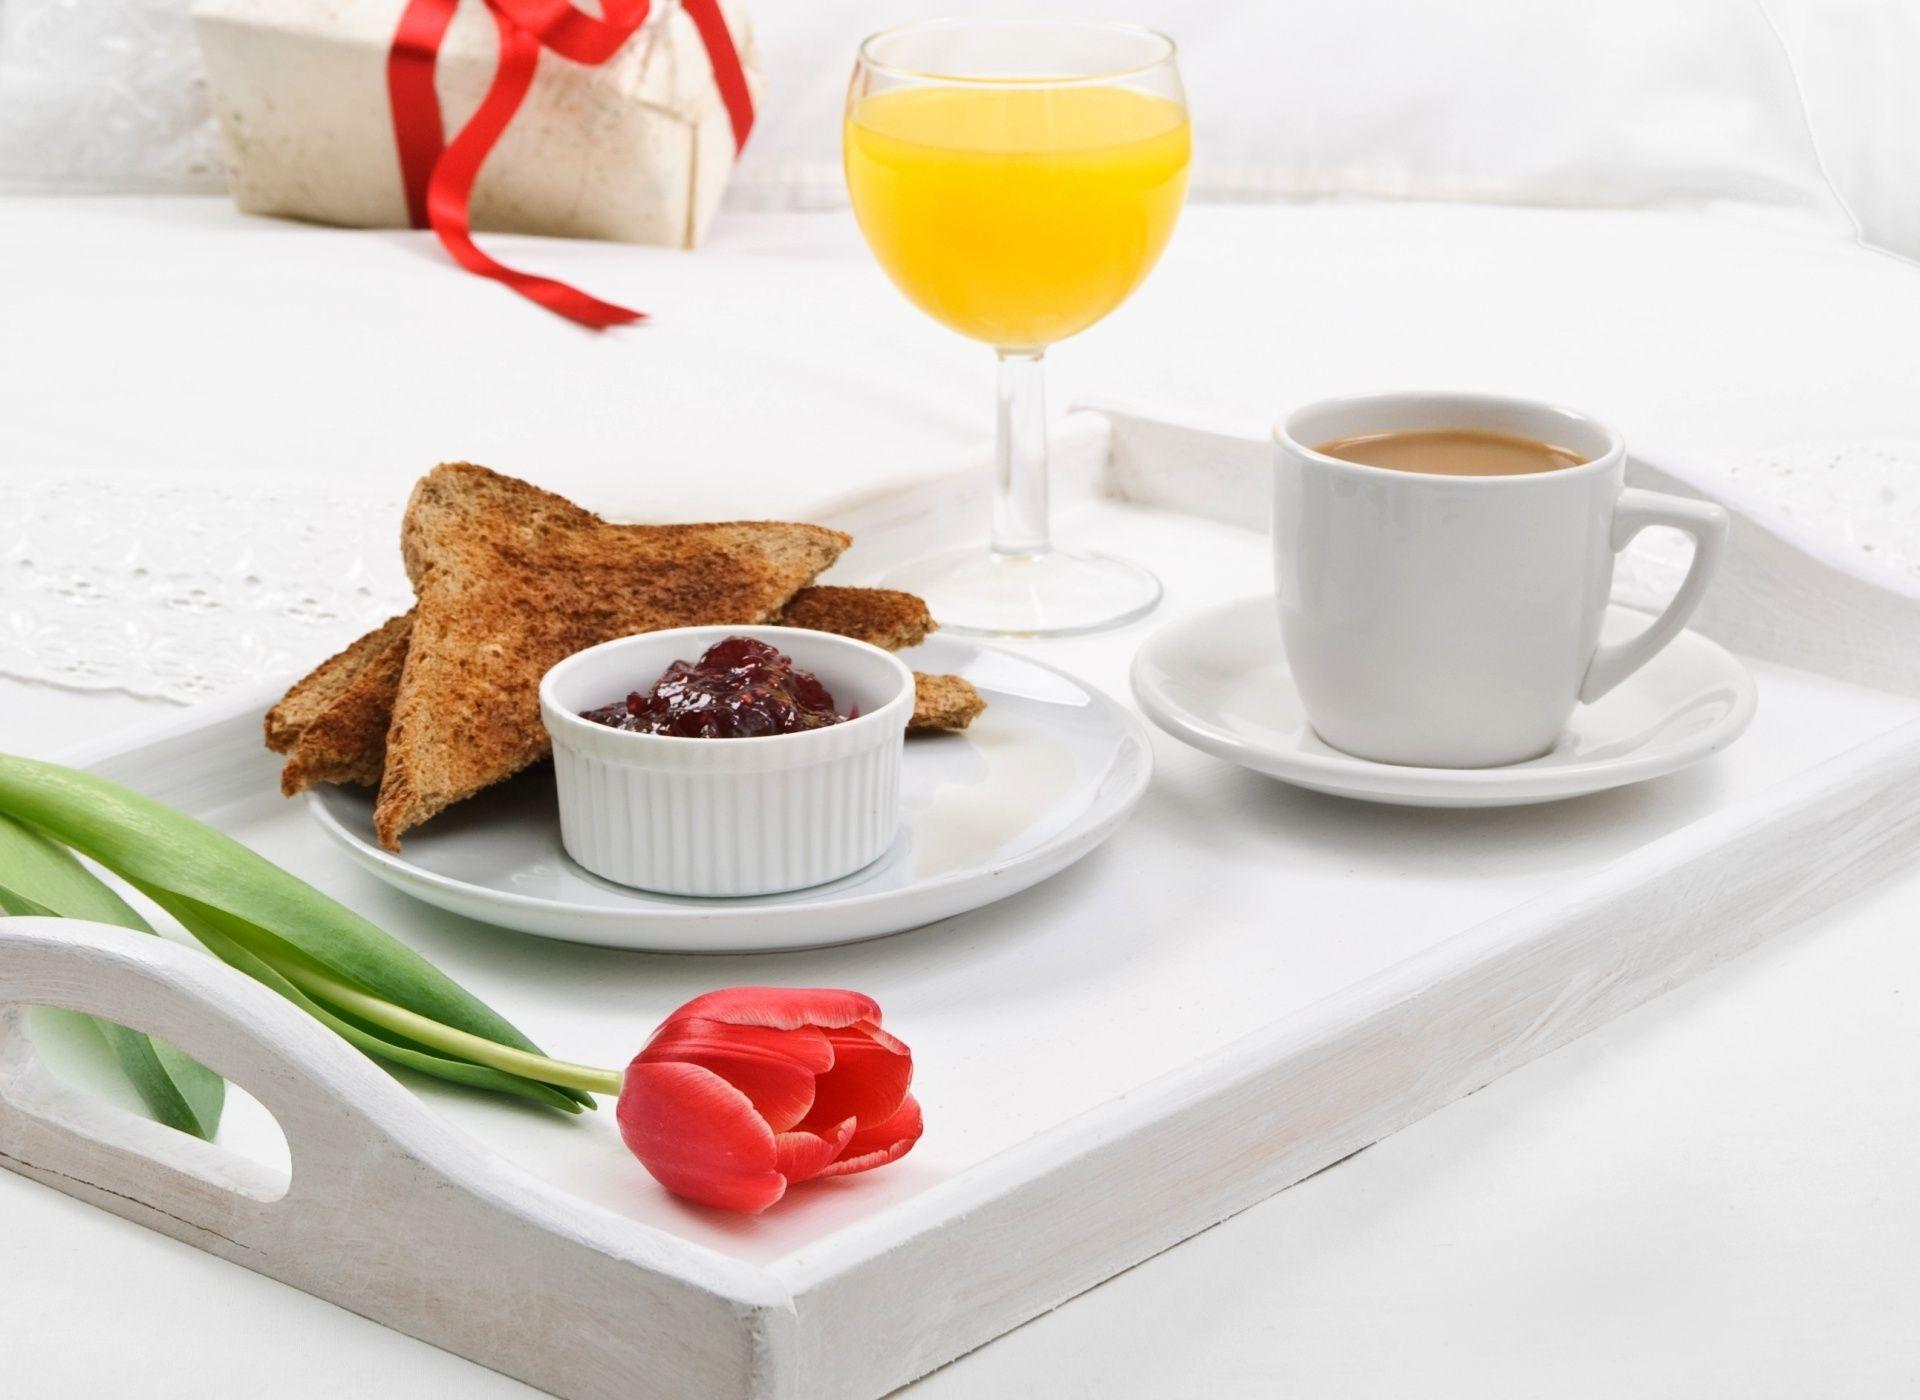 Healthy Breakfast Wallpaper HD Widescreen